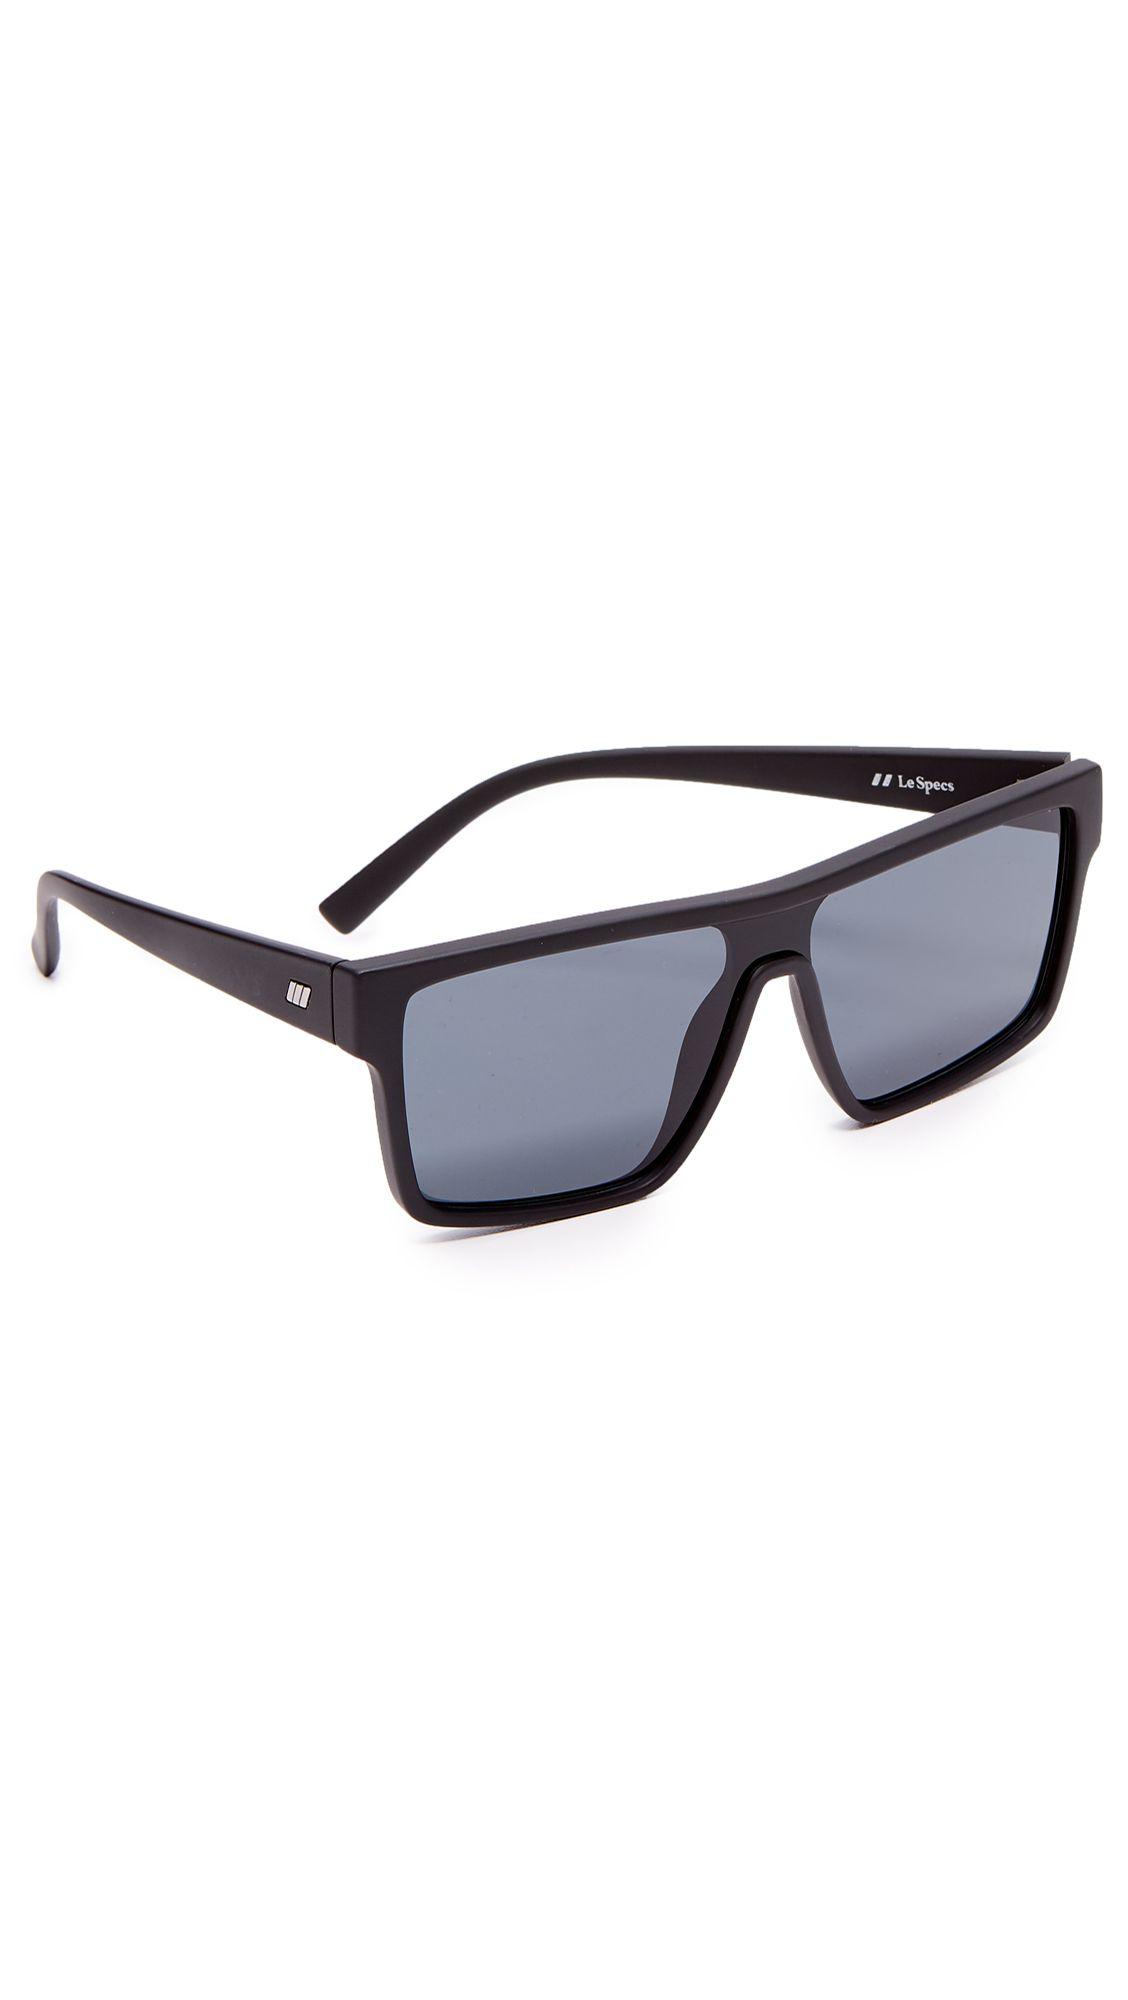 7dd7dd1e1af LE SPECS Minimal Magic Sunglasses.  lespecs  sunglasses